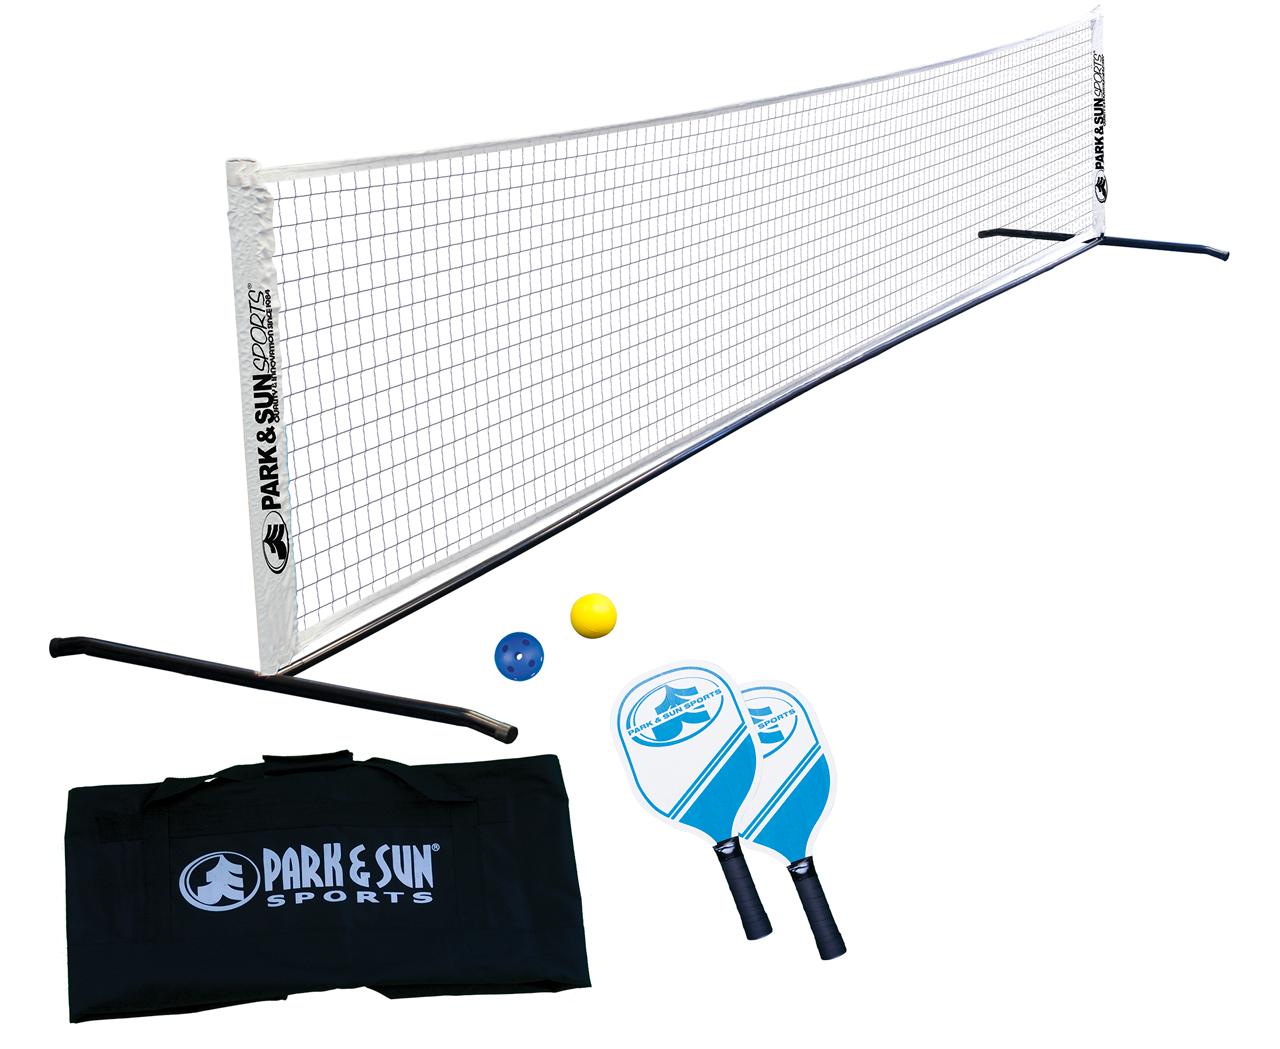 15 Ft Portable Pickleball Set Tennis Combo 2 Paddles Steel Frame 2 Pickleballs Net Park And Sun Sports